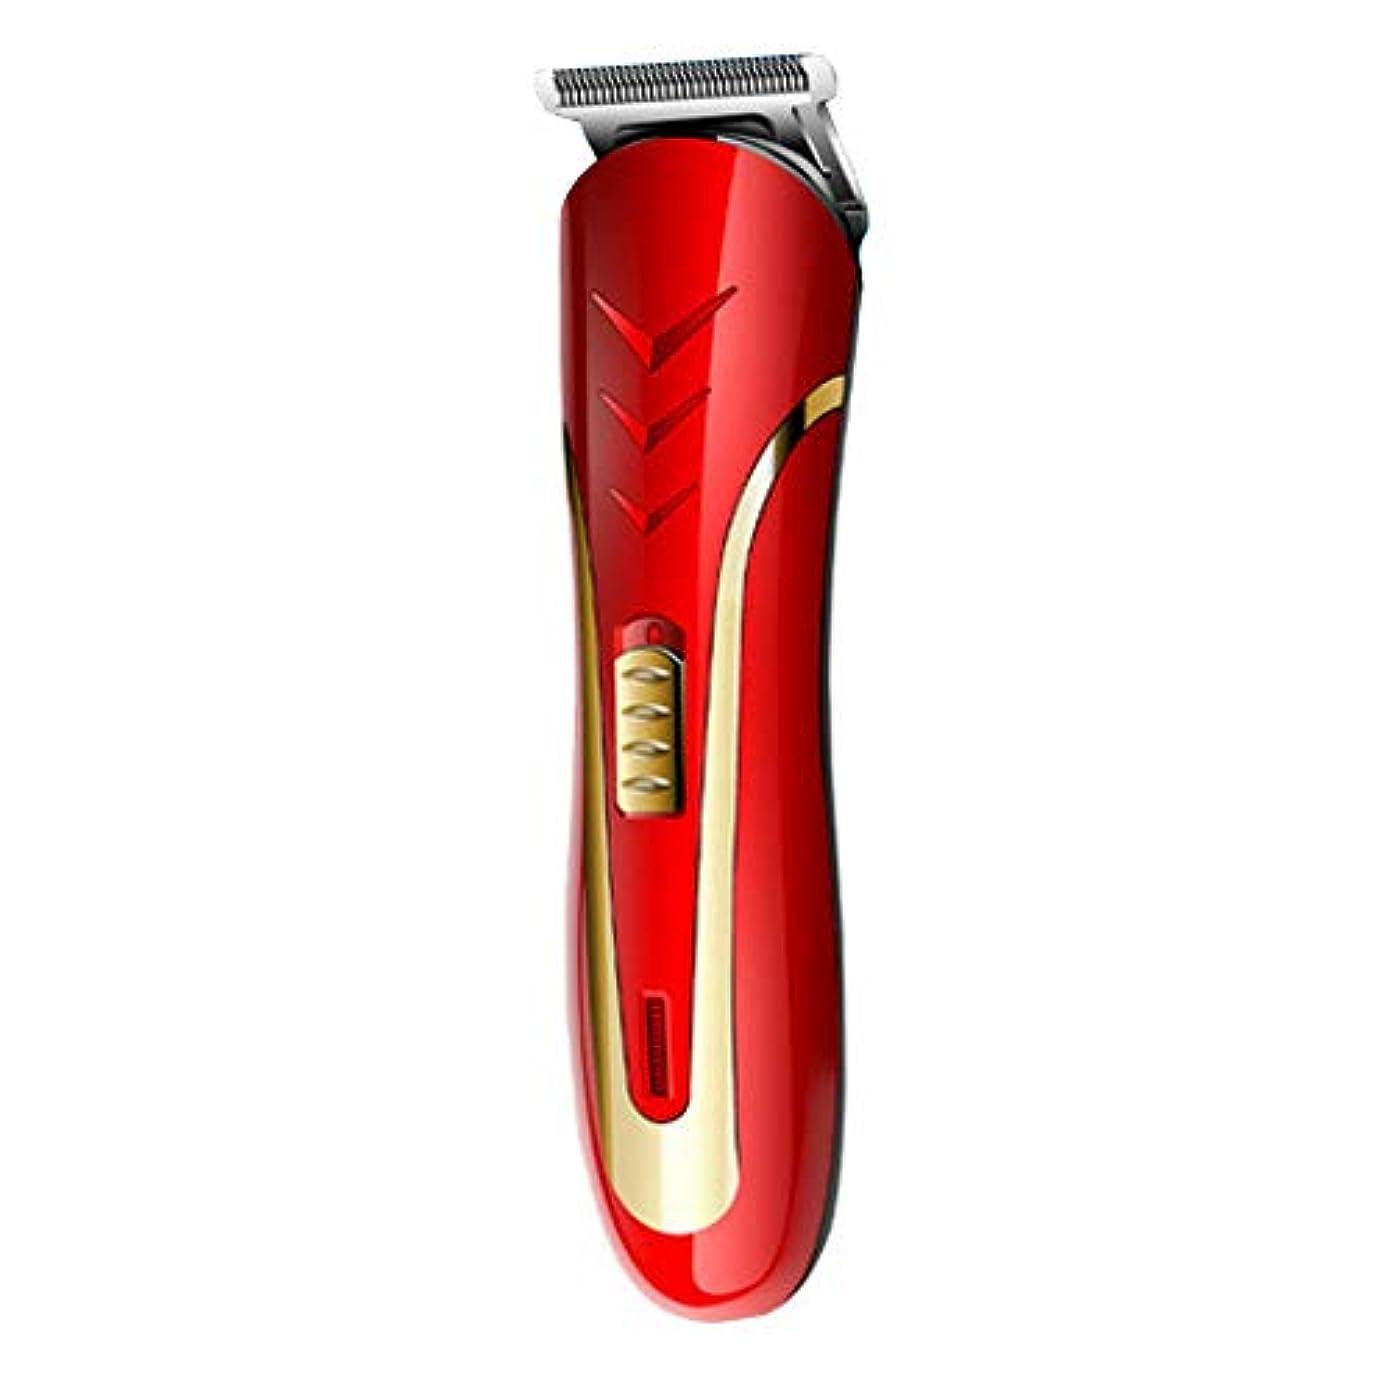 クリックケイ素引用QINJLI 電気バリカン、シェービング、脱毛、電気のフェーダー、充電式ライト、制限くし 15.7 * 4.1 cm